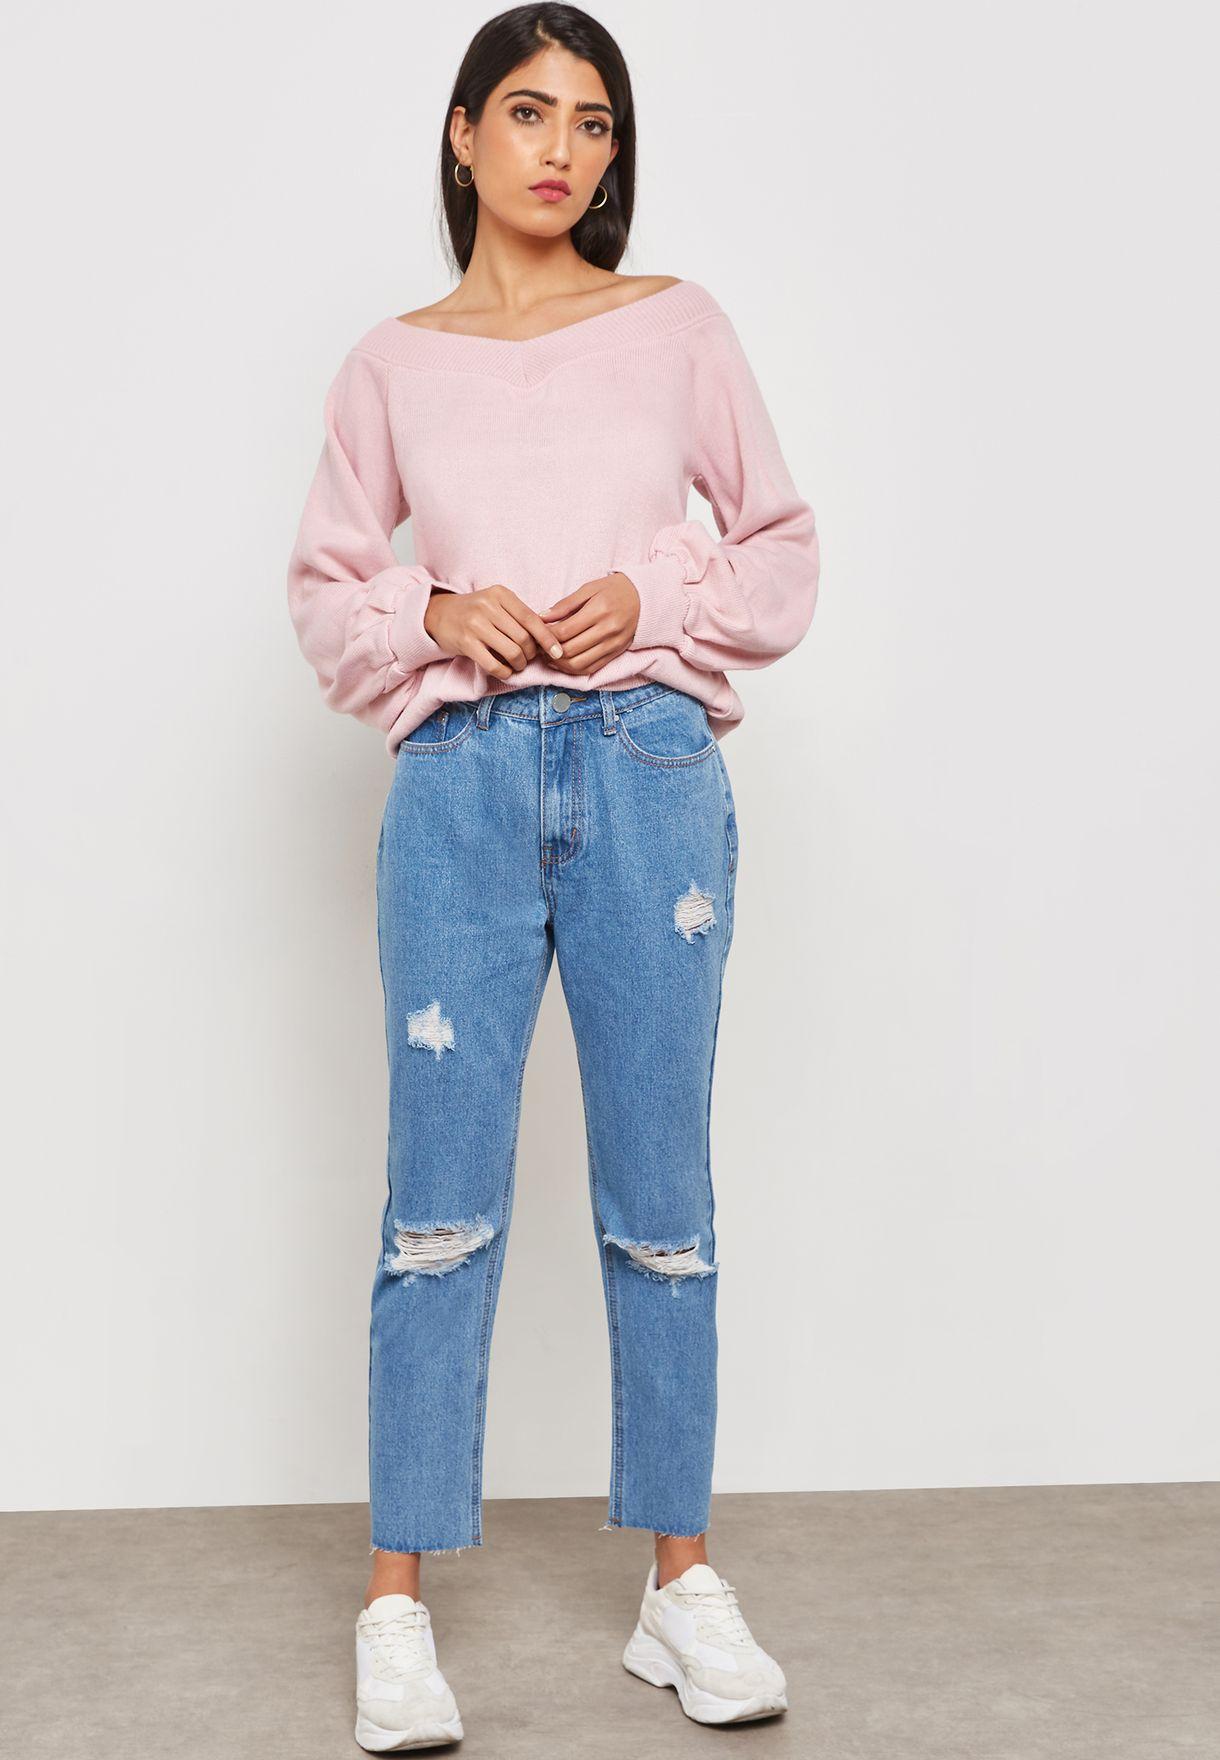 جينز الامهات بأجزاء ممزقة